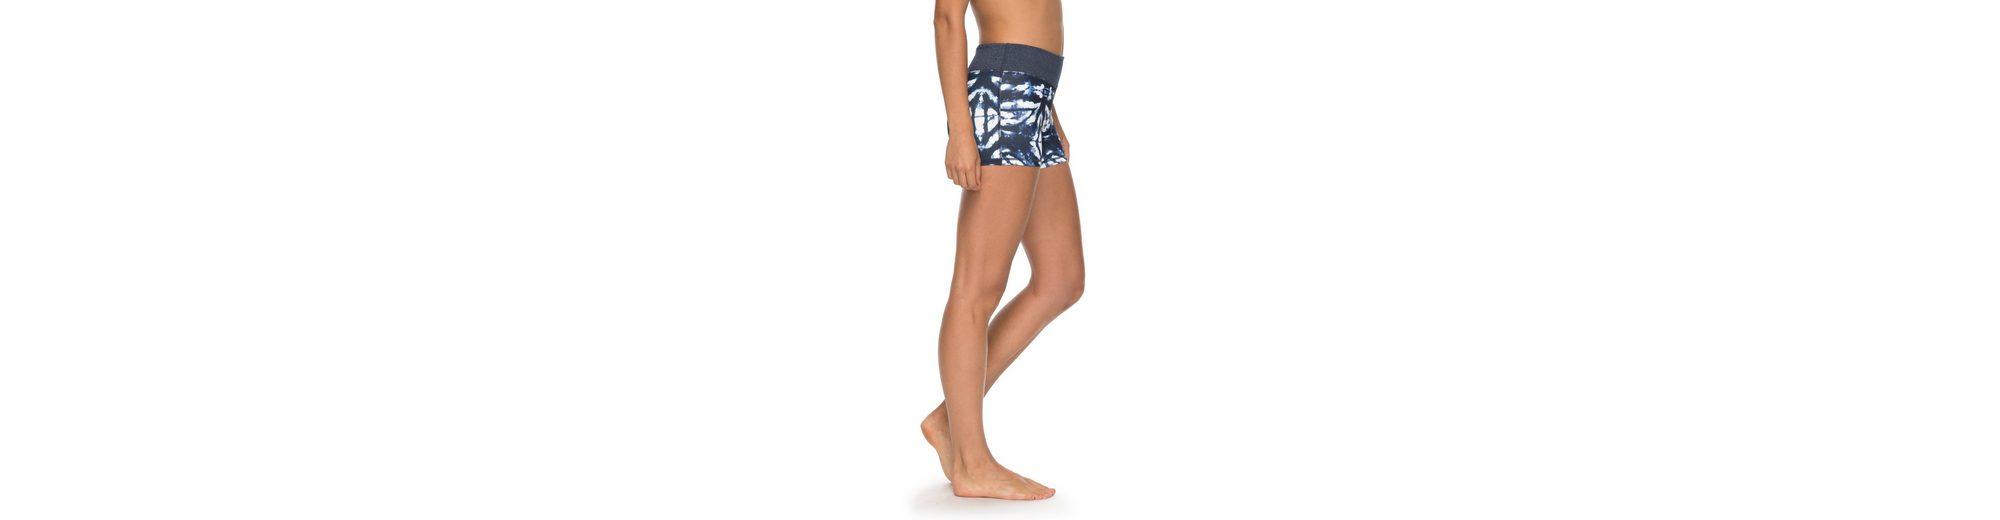 Roxy Funktionelle Shorts Natural Twist Günstig Kaufen Spielraum Ouwztwr7k